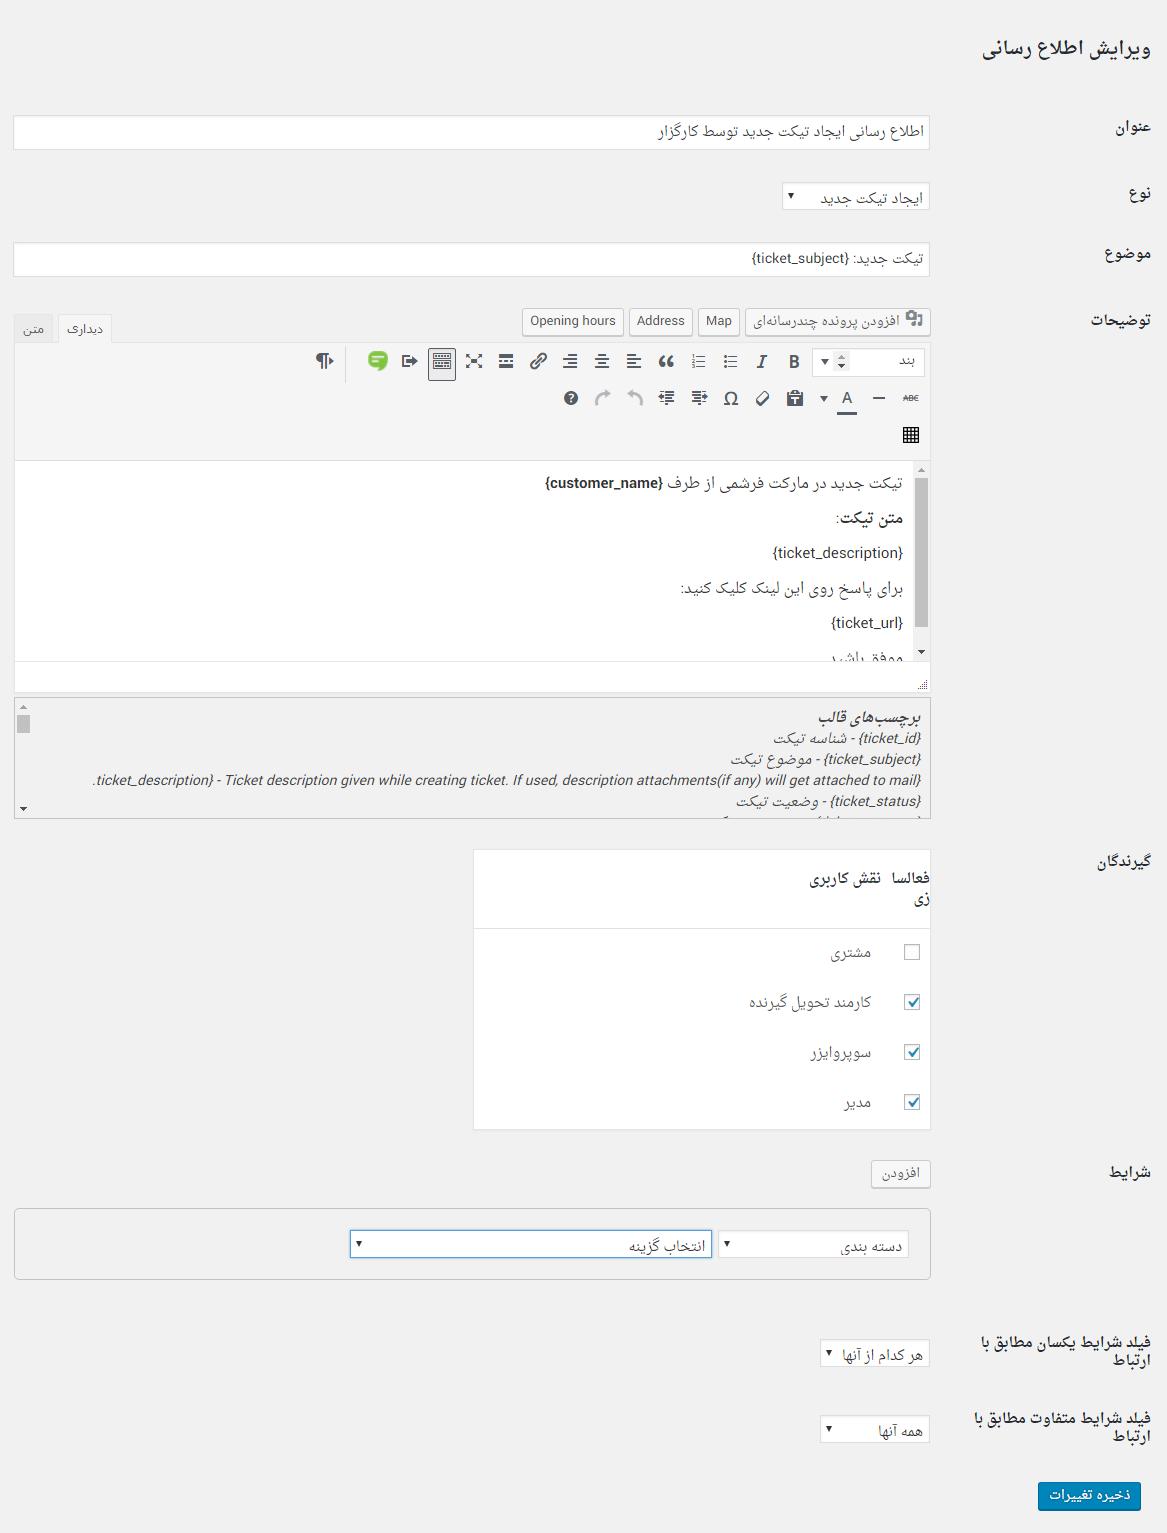 افزونه پشتیبانی تیکتی وردپرس + تمامی ضمیمهها | WP Support Plus wordpress plugin 11